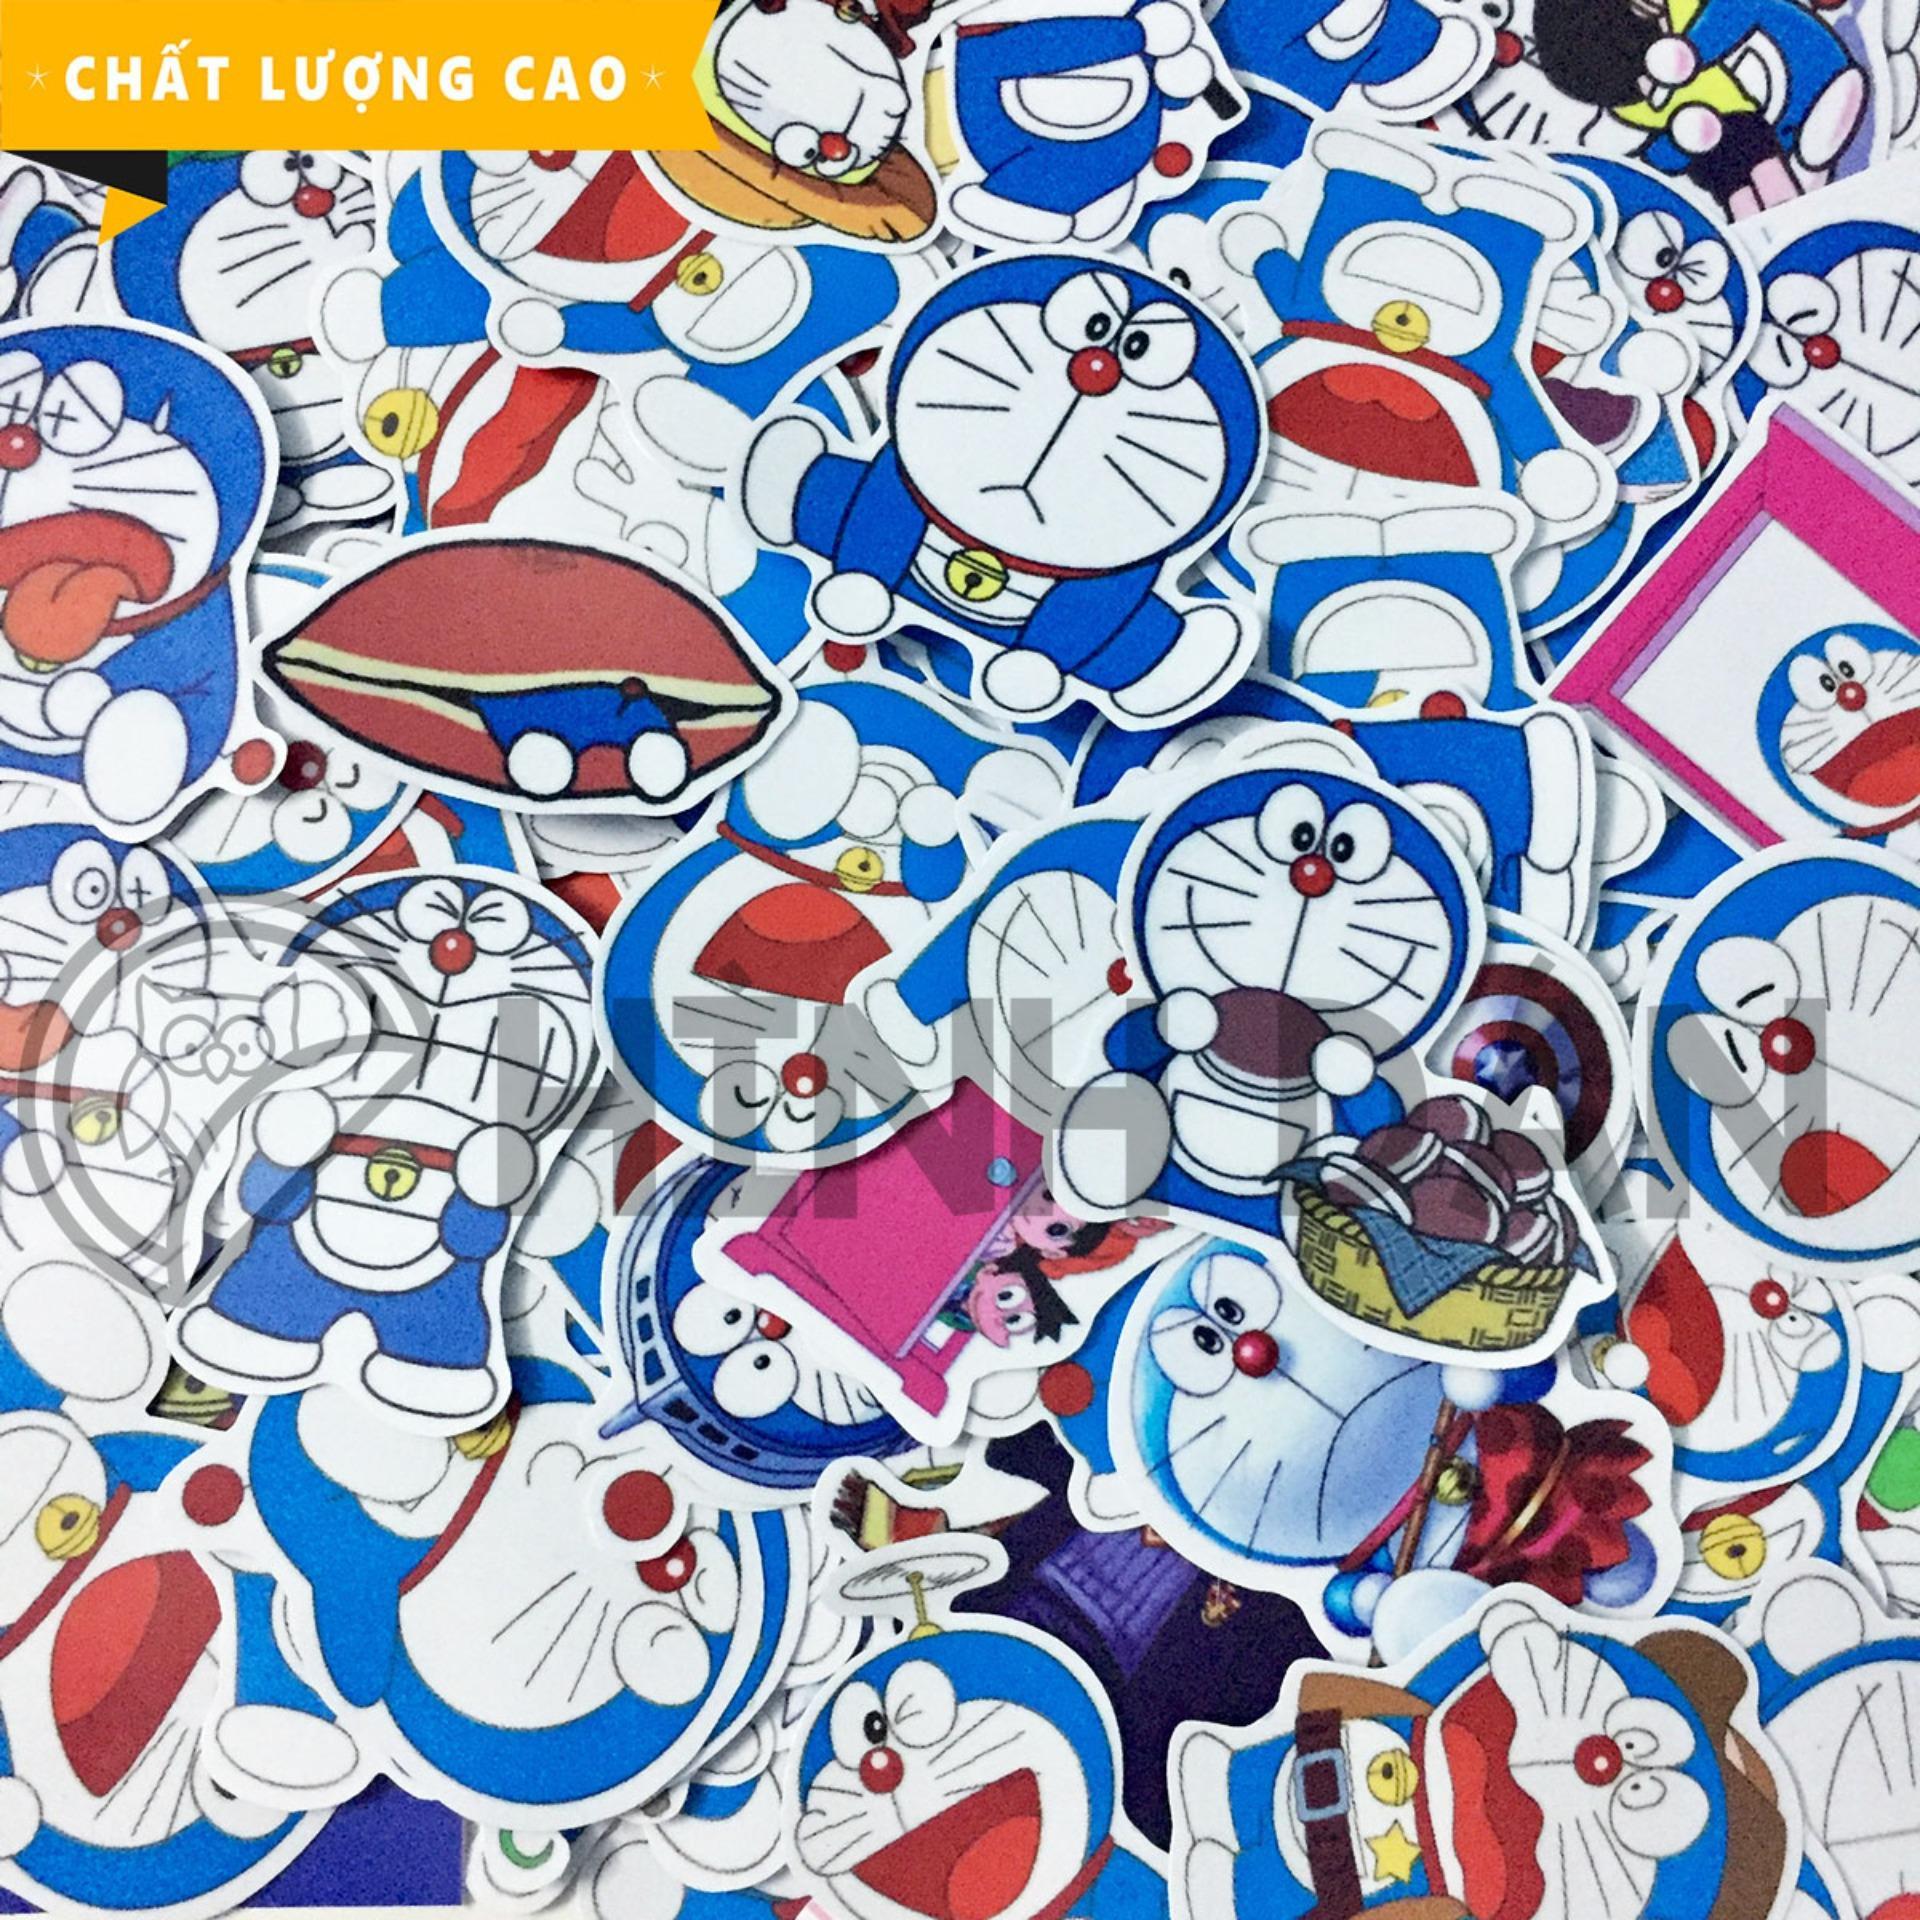 Hình ảnh Bộ Sticker Chủ Đề Doraemon (2018) Hình Dán Decal Chất Lượng Cao Chống Nước Trang Trí Va Li Du Lịch, Xe Đạp, Xe Máy, Laptop, Nón Bảo Hiểm, Máy Tính Học Sinh, Tủ Quần Áo, Nắp Lưng Điện Thoại